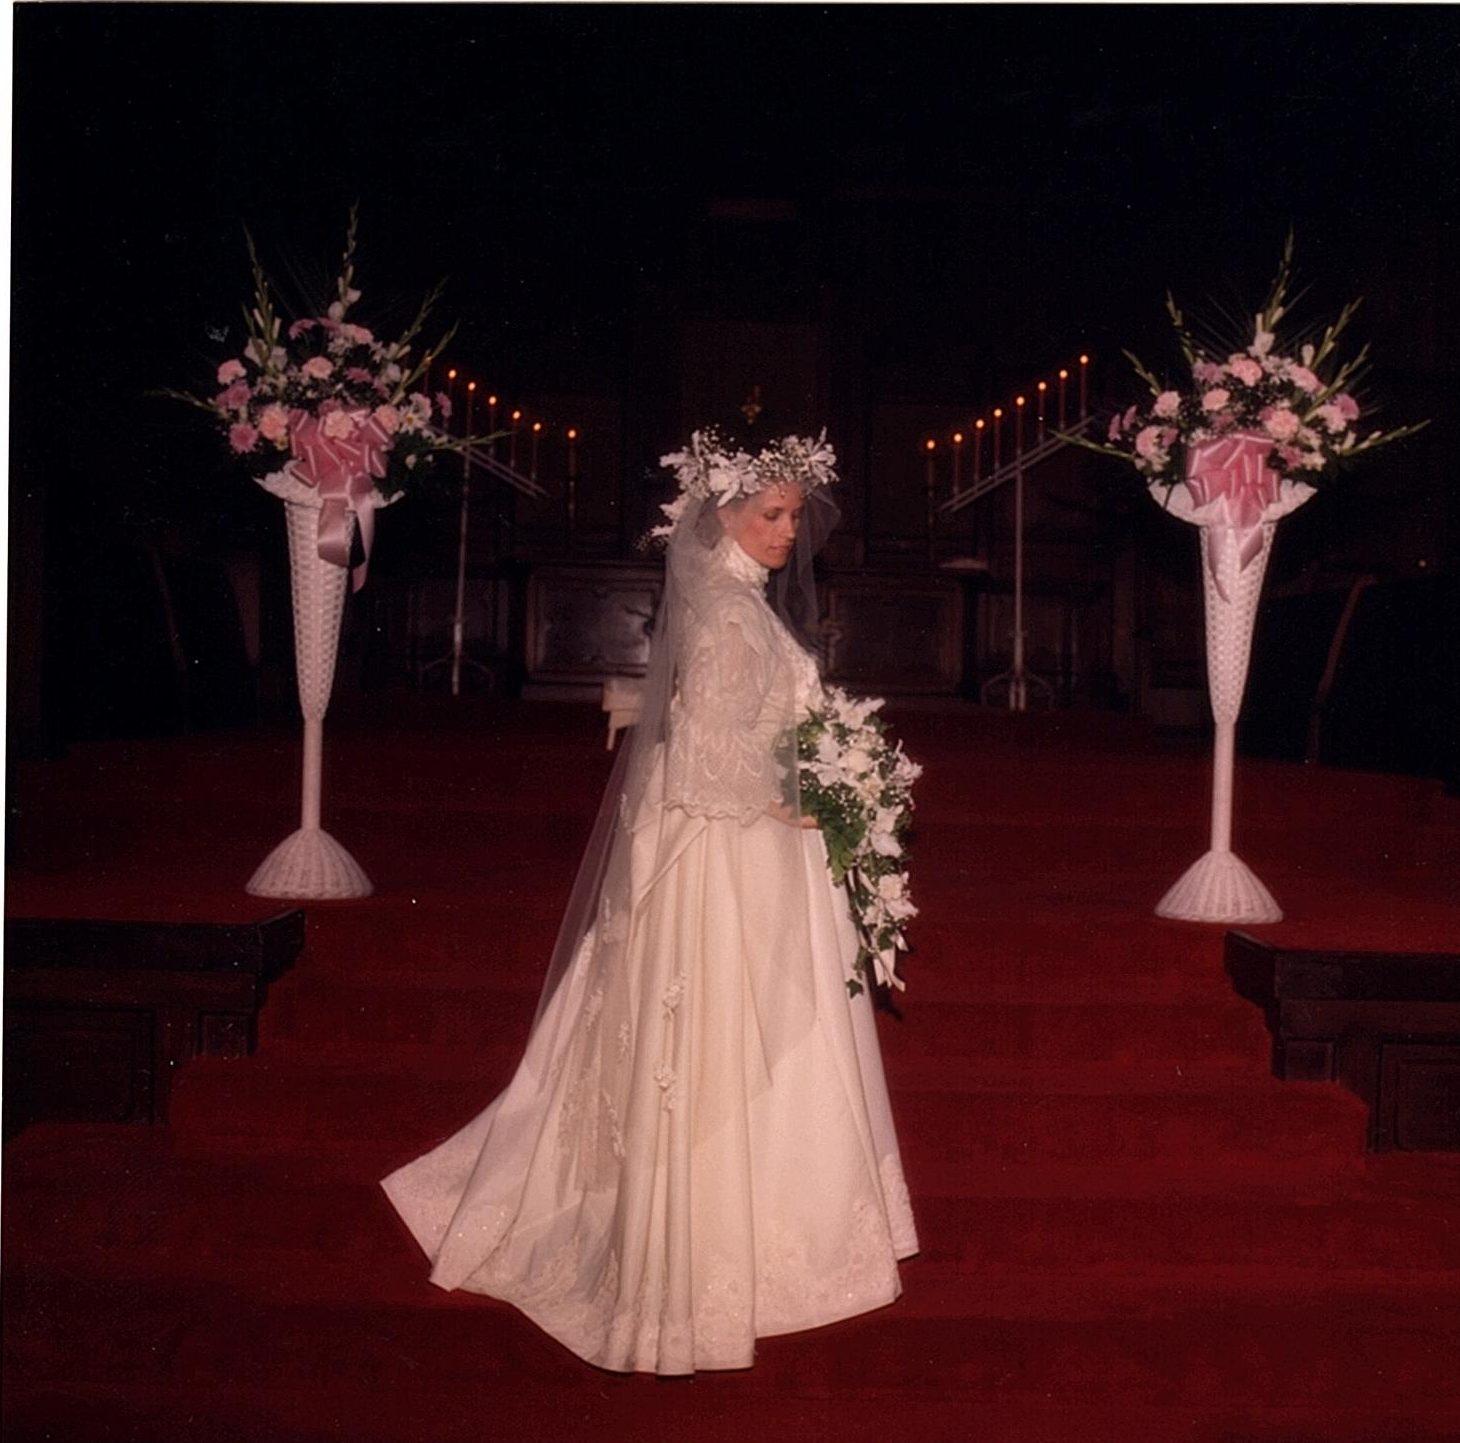 Carol Mann's Wedding Gown